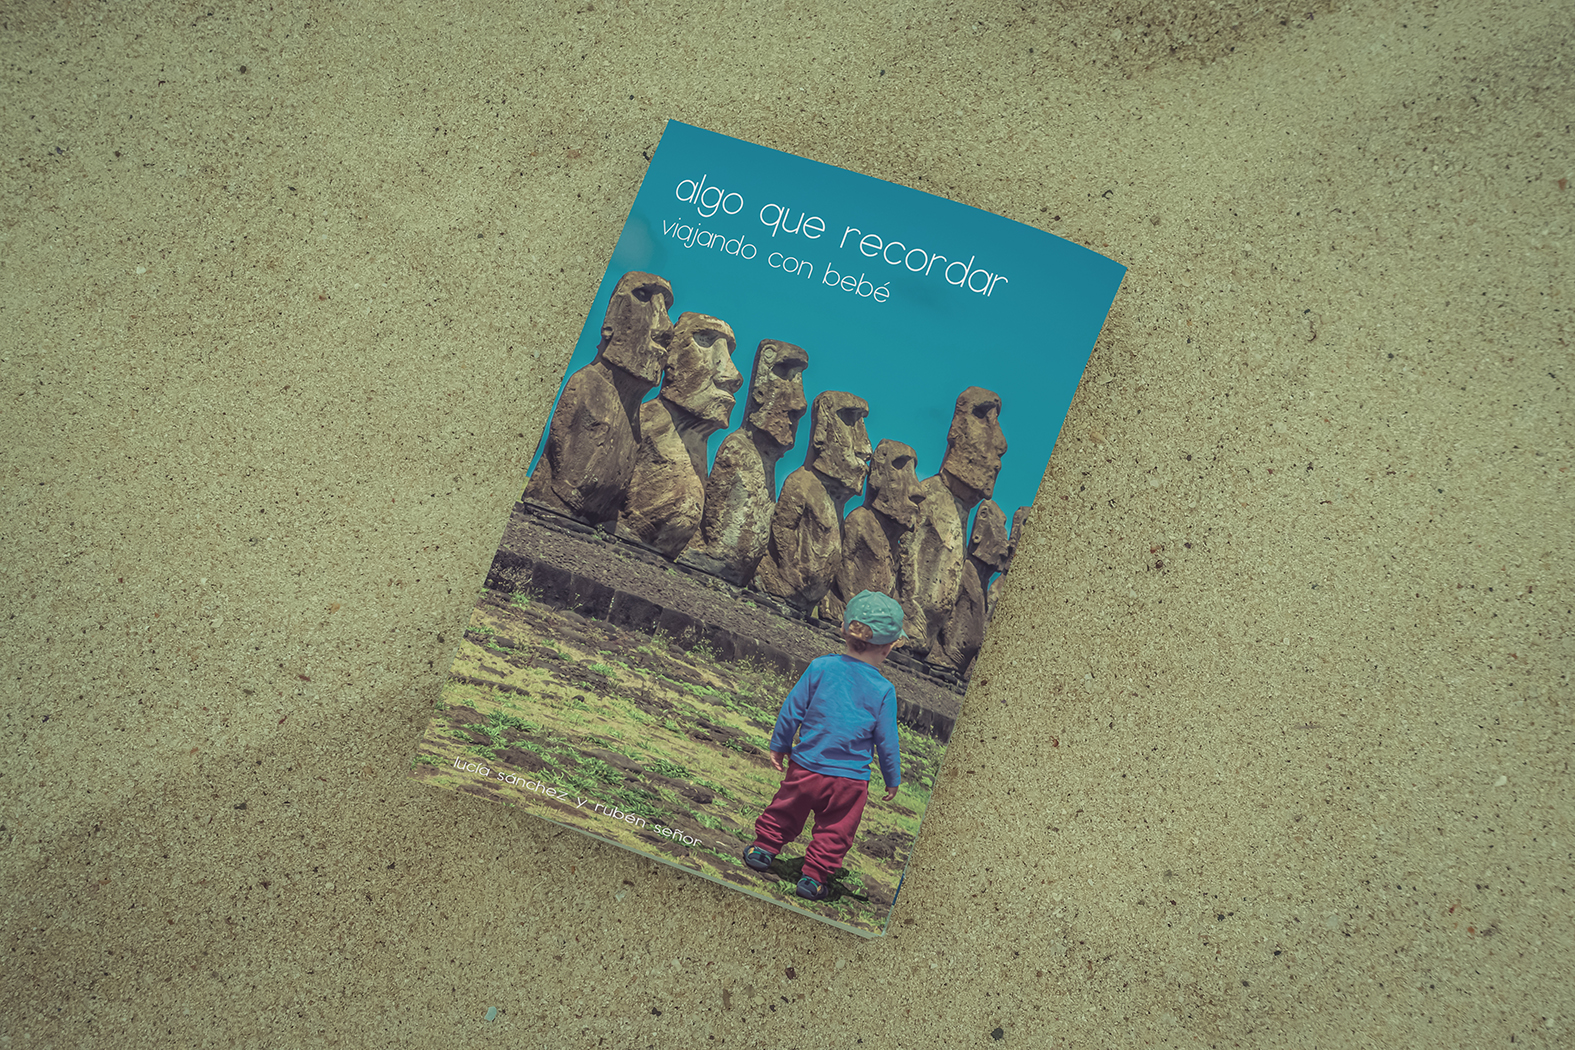 Algo que recordar viajando con bebé, el libro